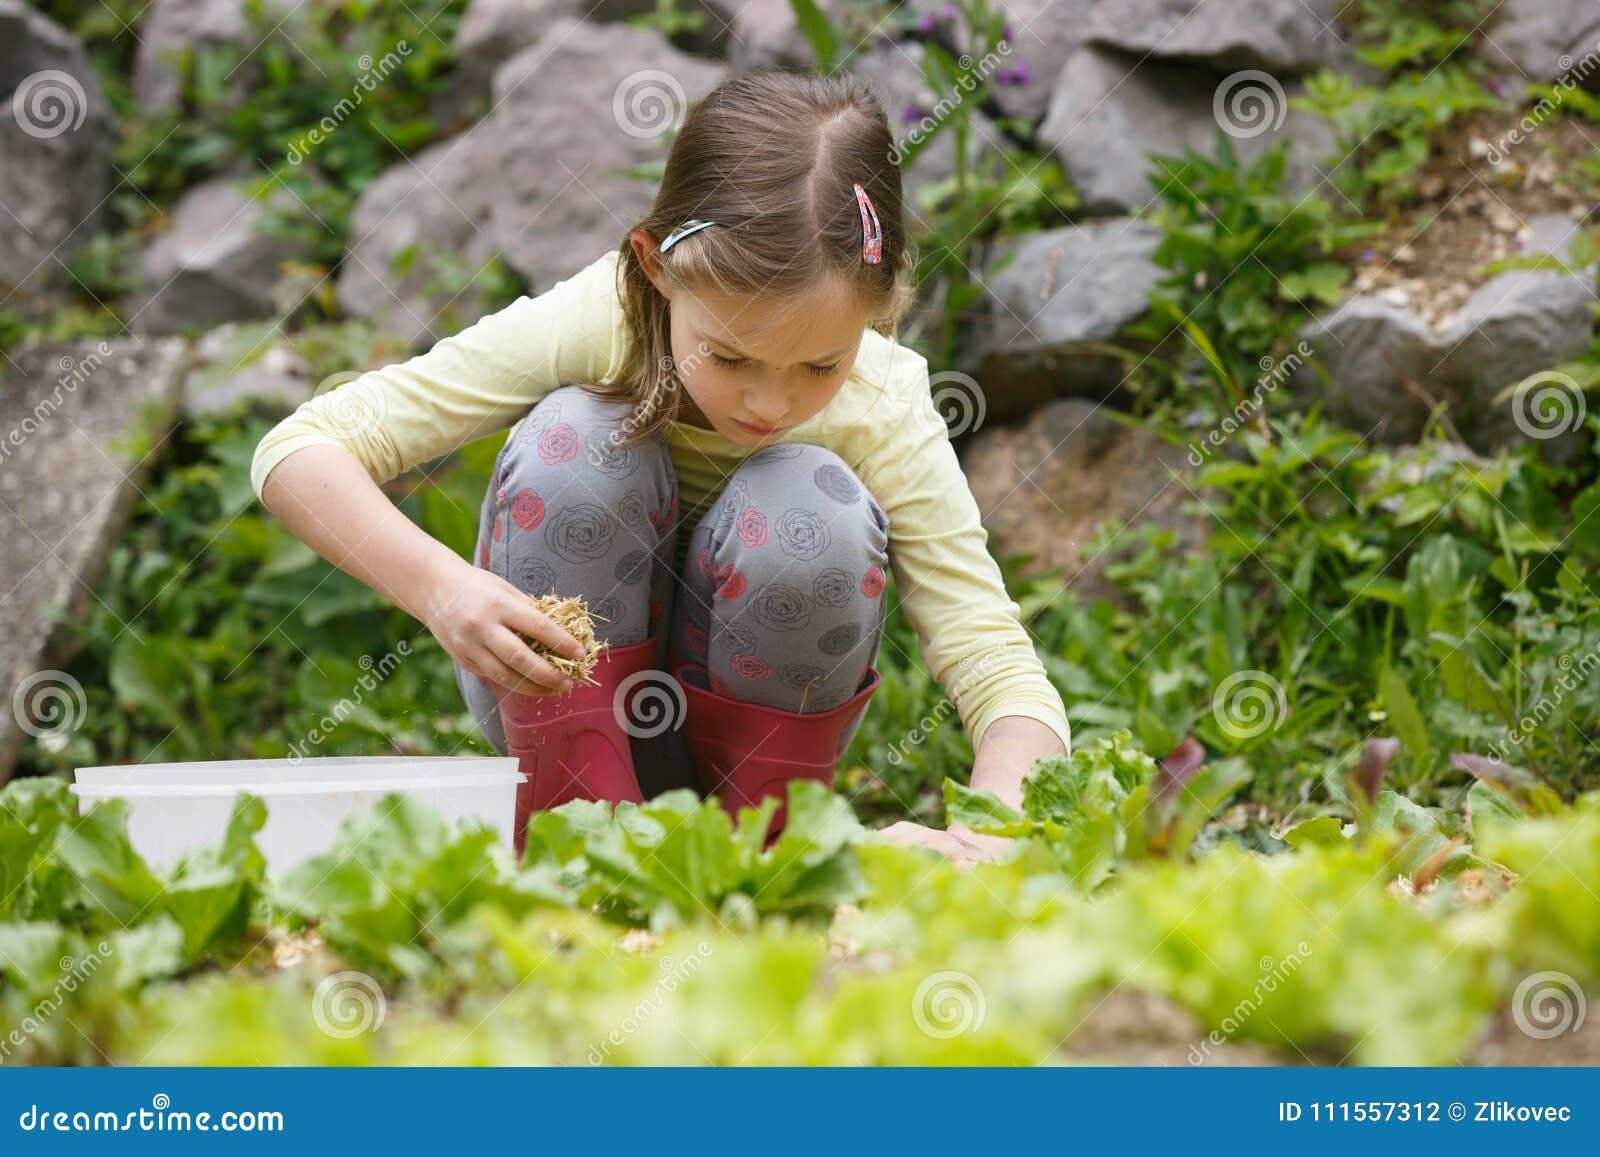 工作在庭院里的小女孩